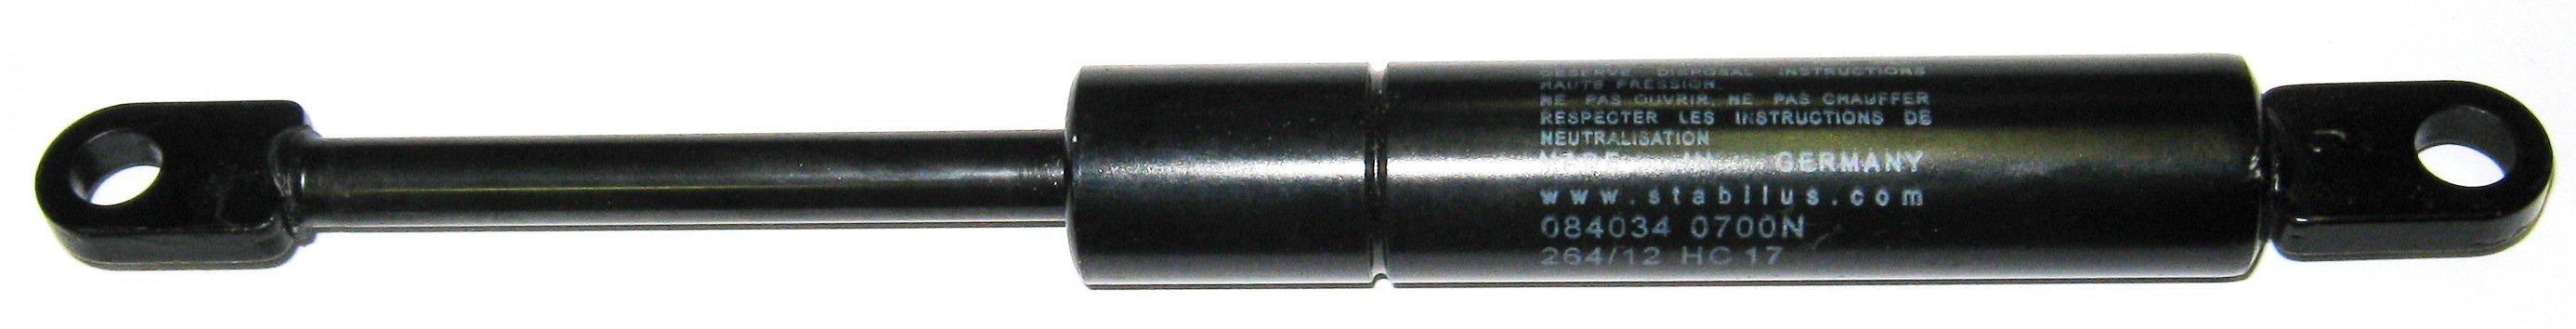 Амортизатор для каретки сдвижной крыши 600N (156мм) Sesam/Stabilus 130250600/4769QR